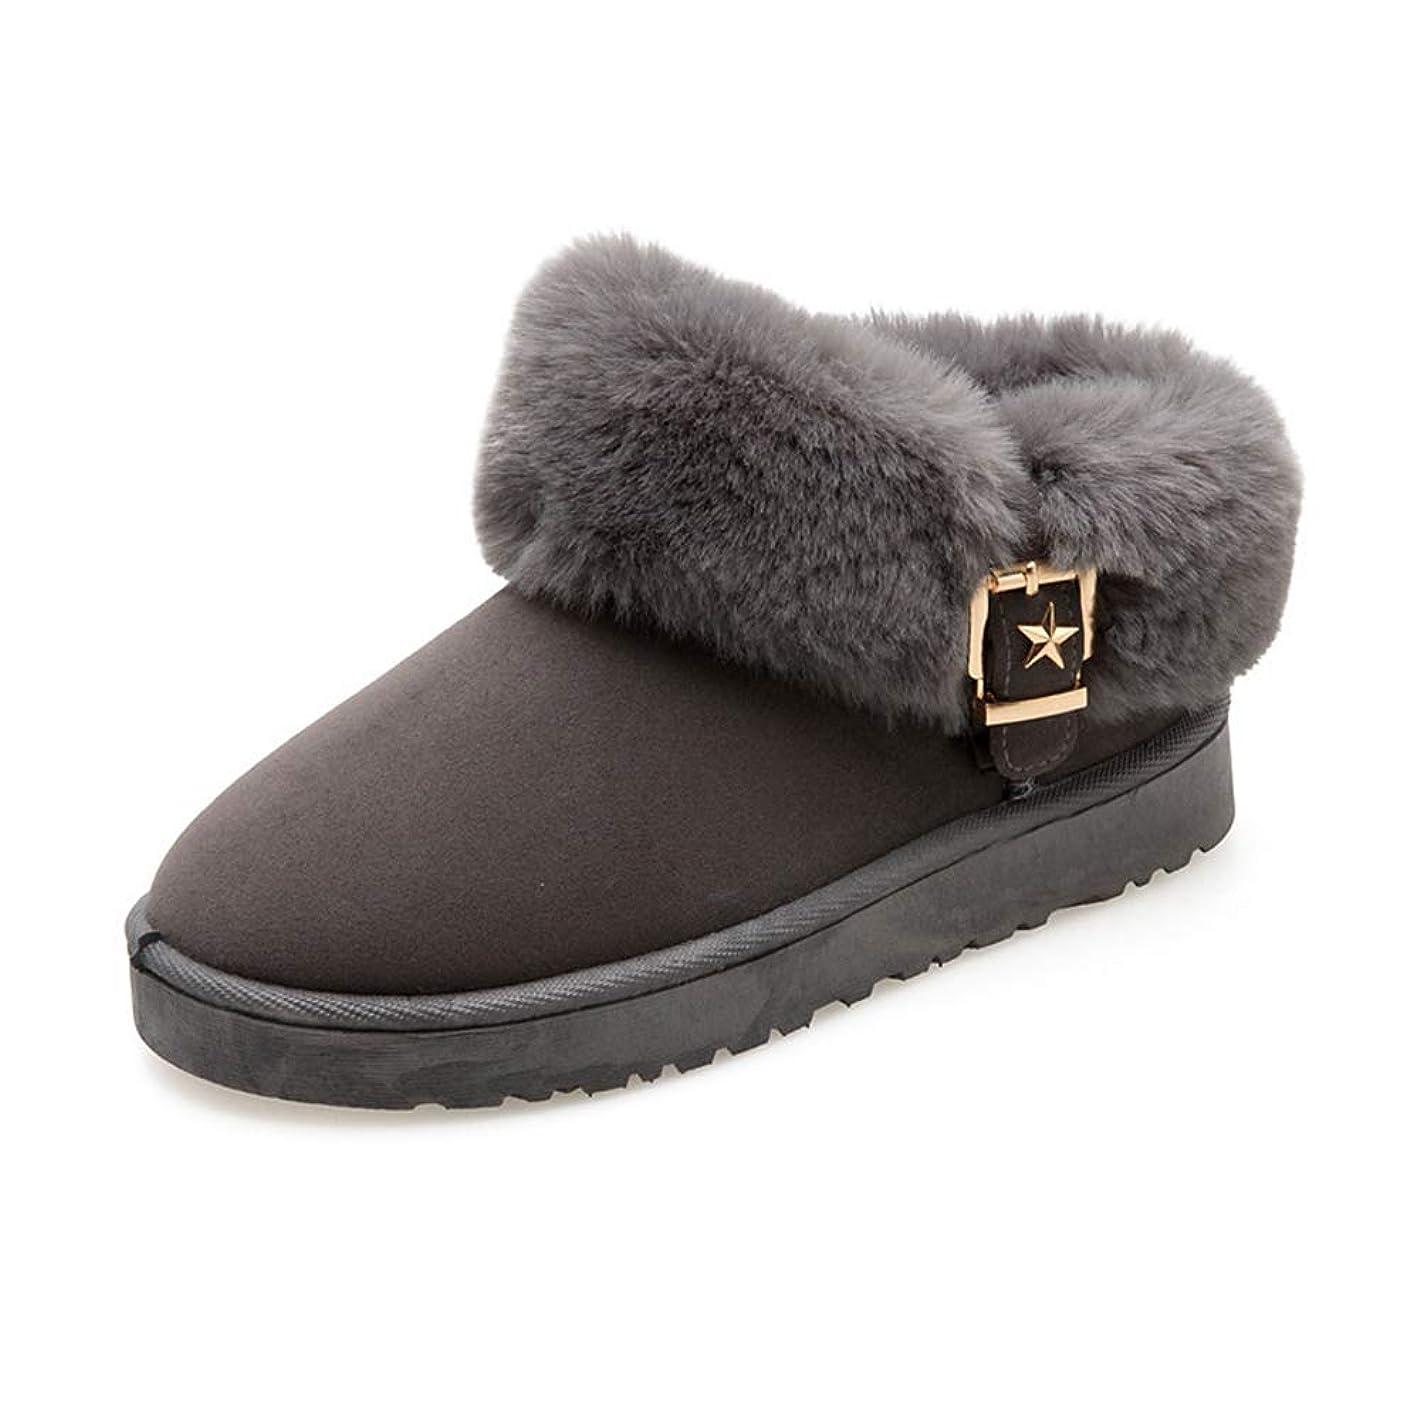 予測子スロベニアログ[モリケイ] ムートンブーツ レディース ショートブーツ ウィンターブーツ 靴 ボア付き ふわふわ もこもこ 柔らかい 肌触り良い フラット ラウンドトゥ 冬 ウィンターシューズ 防寒